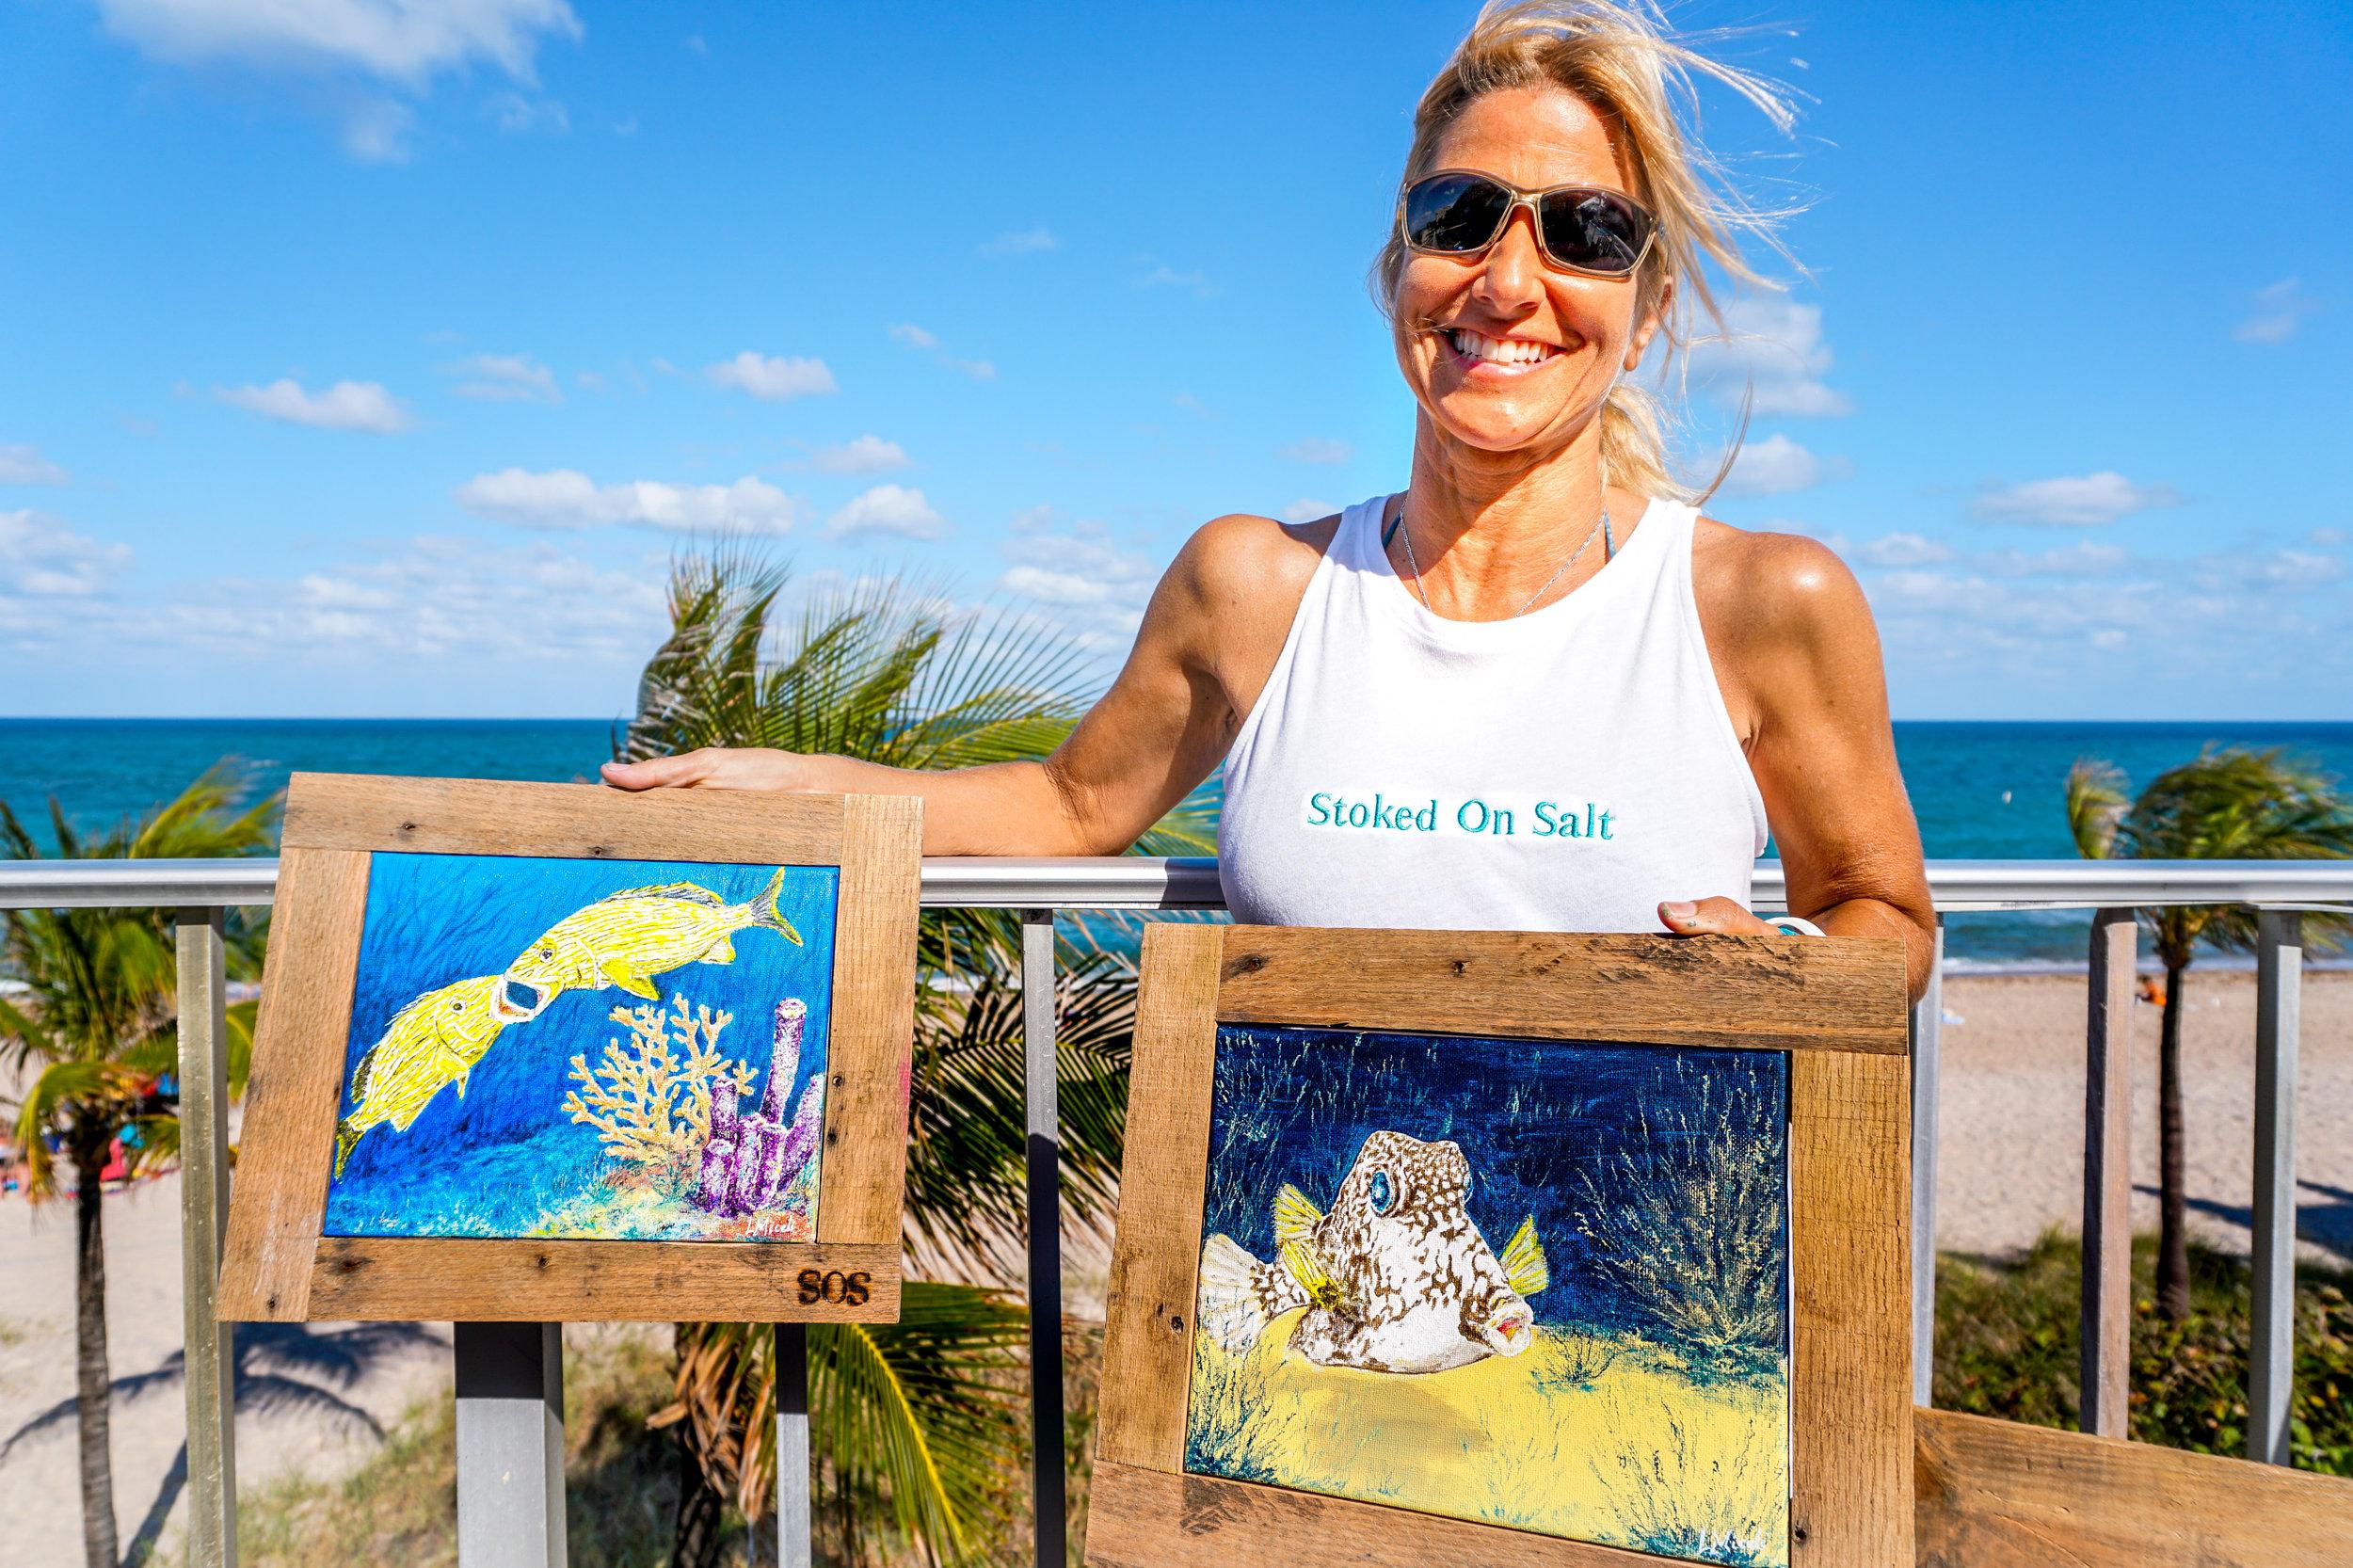 olapi-creative-blue-business-spotlight-sos-lisa-miceli-paintings